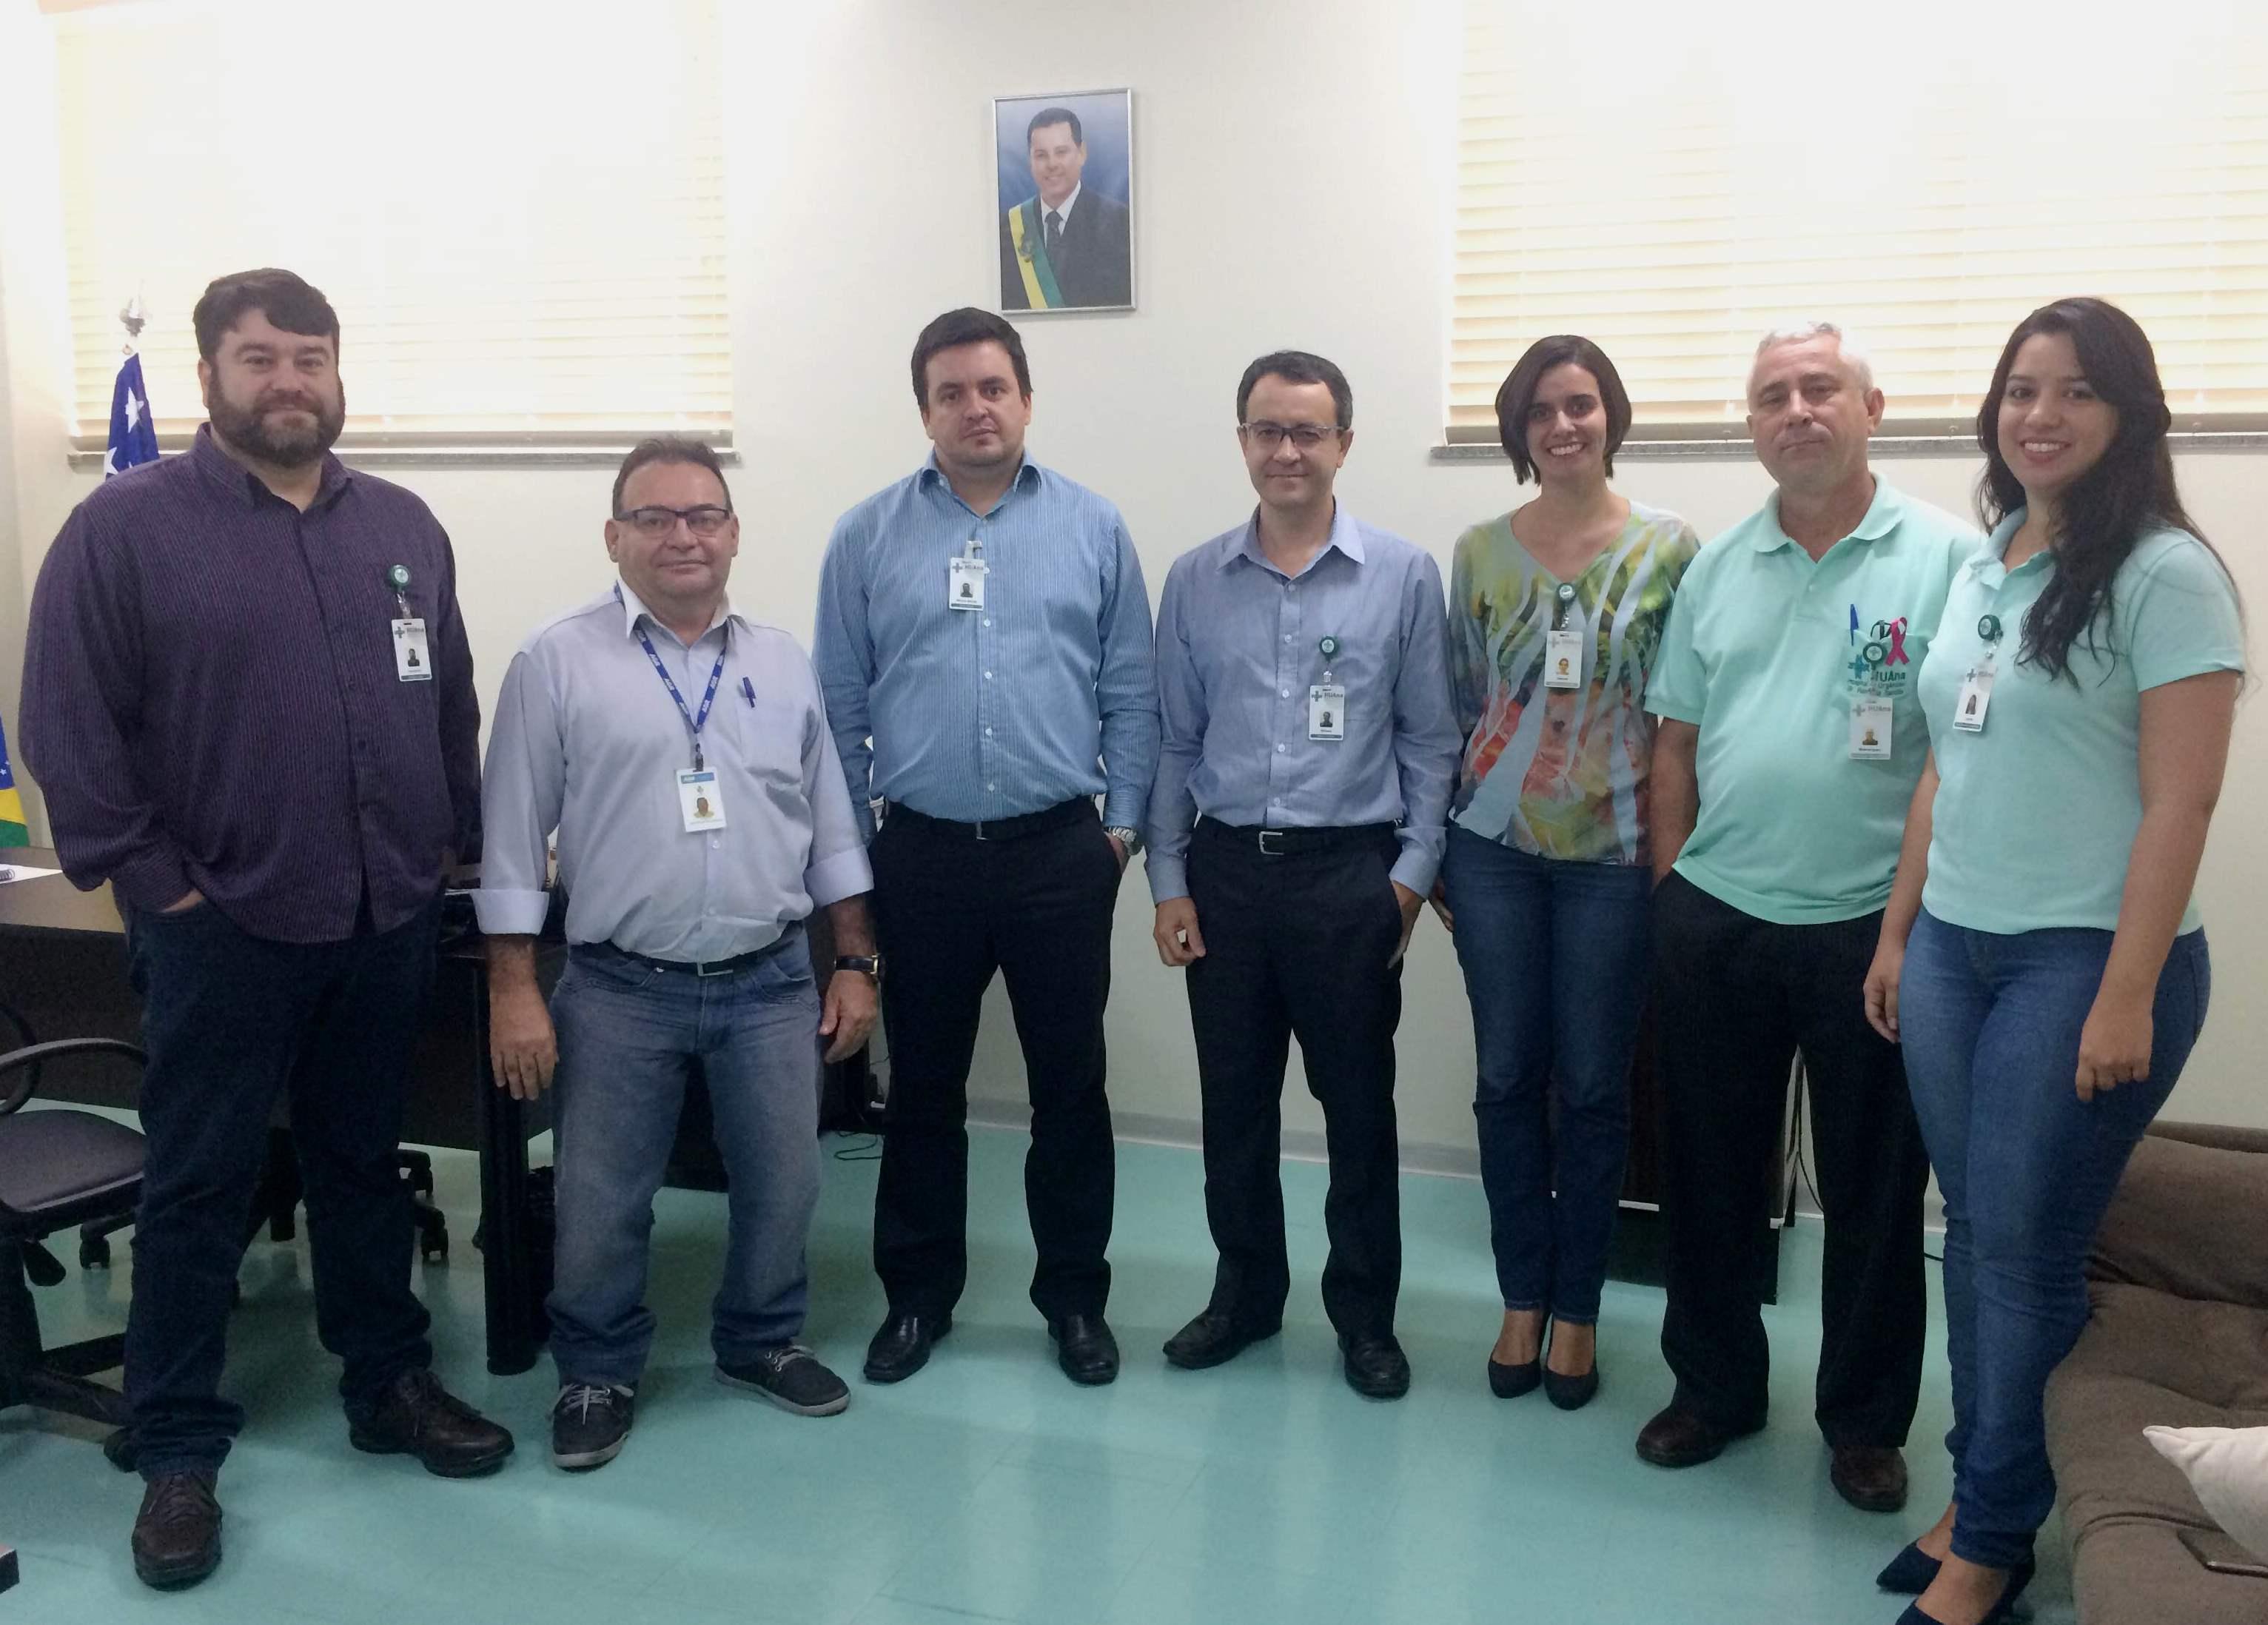 Representantes do HUAna e da AGR se reúnem para discutir Sistema de Indicadores de Qualidade e Desempenho